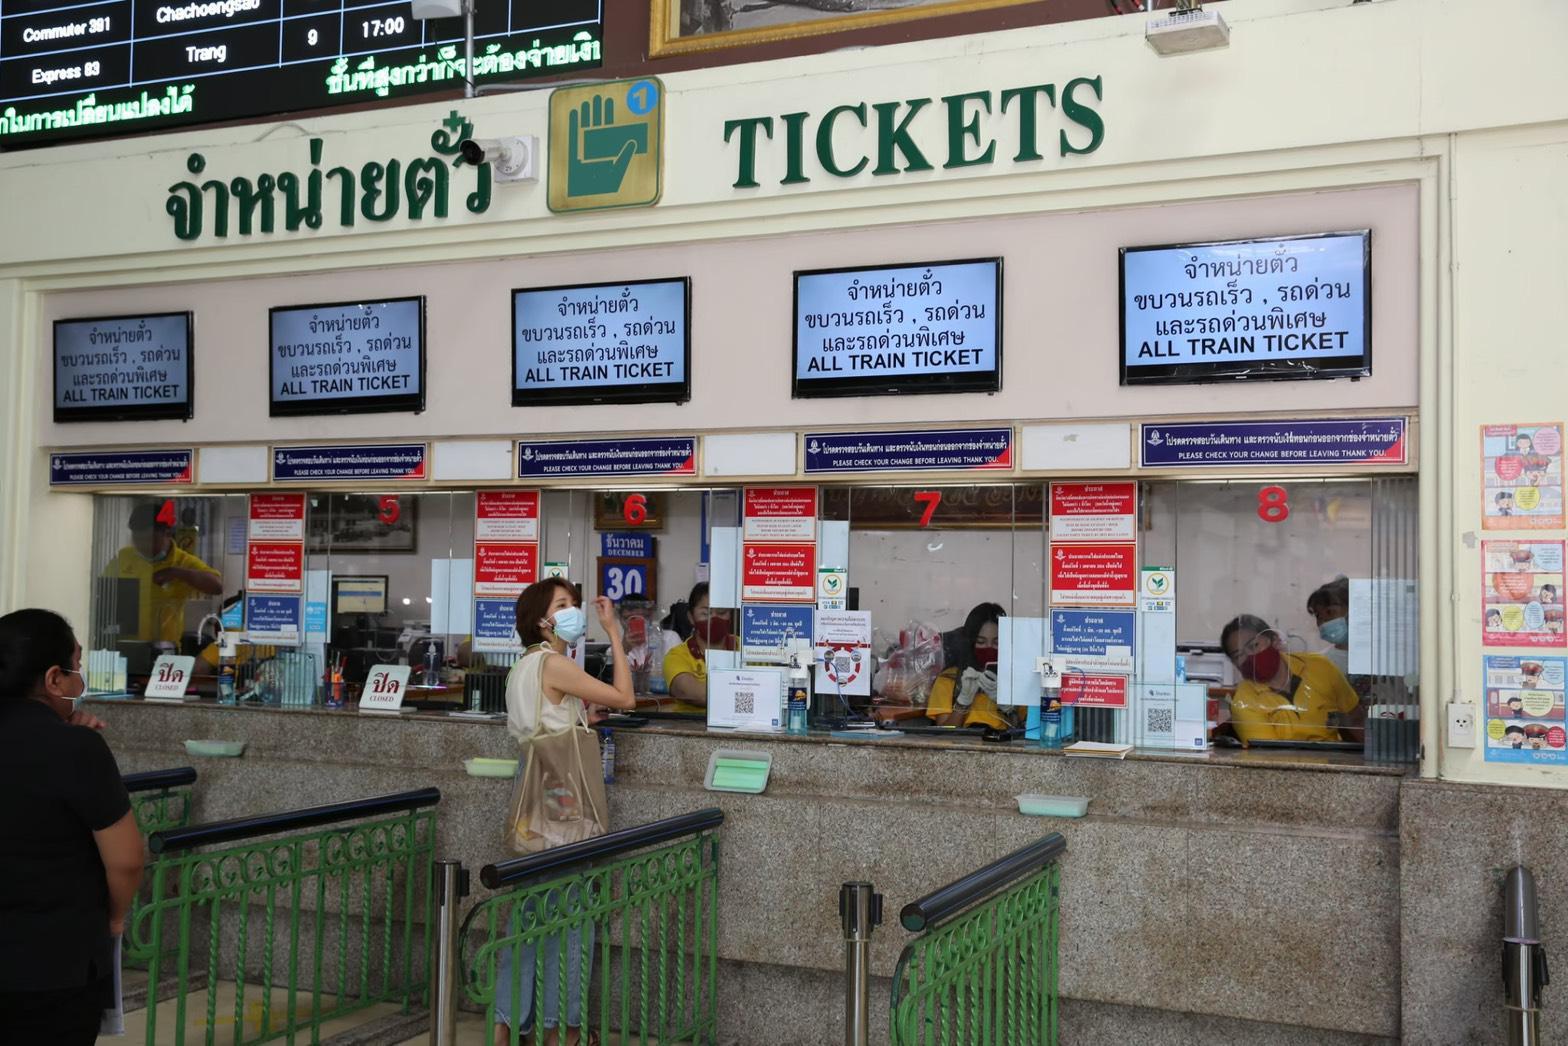 เช็กที่นี่ บขส.-ร.ฟ.ท. คืนเงินตั๋วโดยสารได้เต็มราคาช่วงเทศกาลสงกรานต์